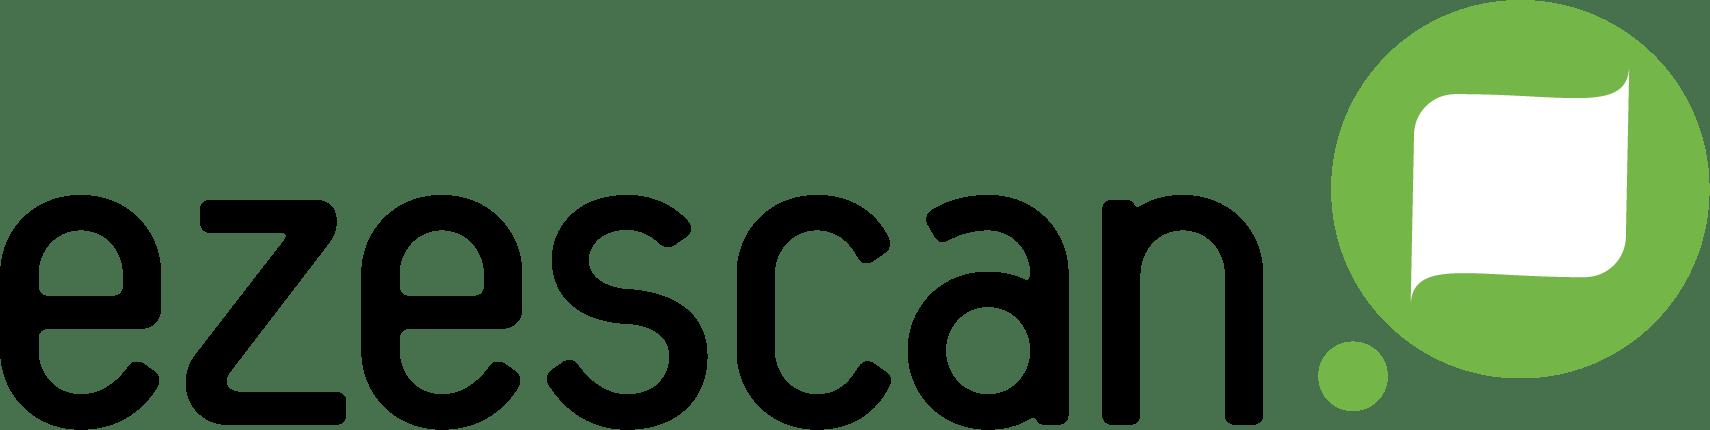 EzeScan Blog